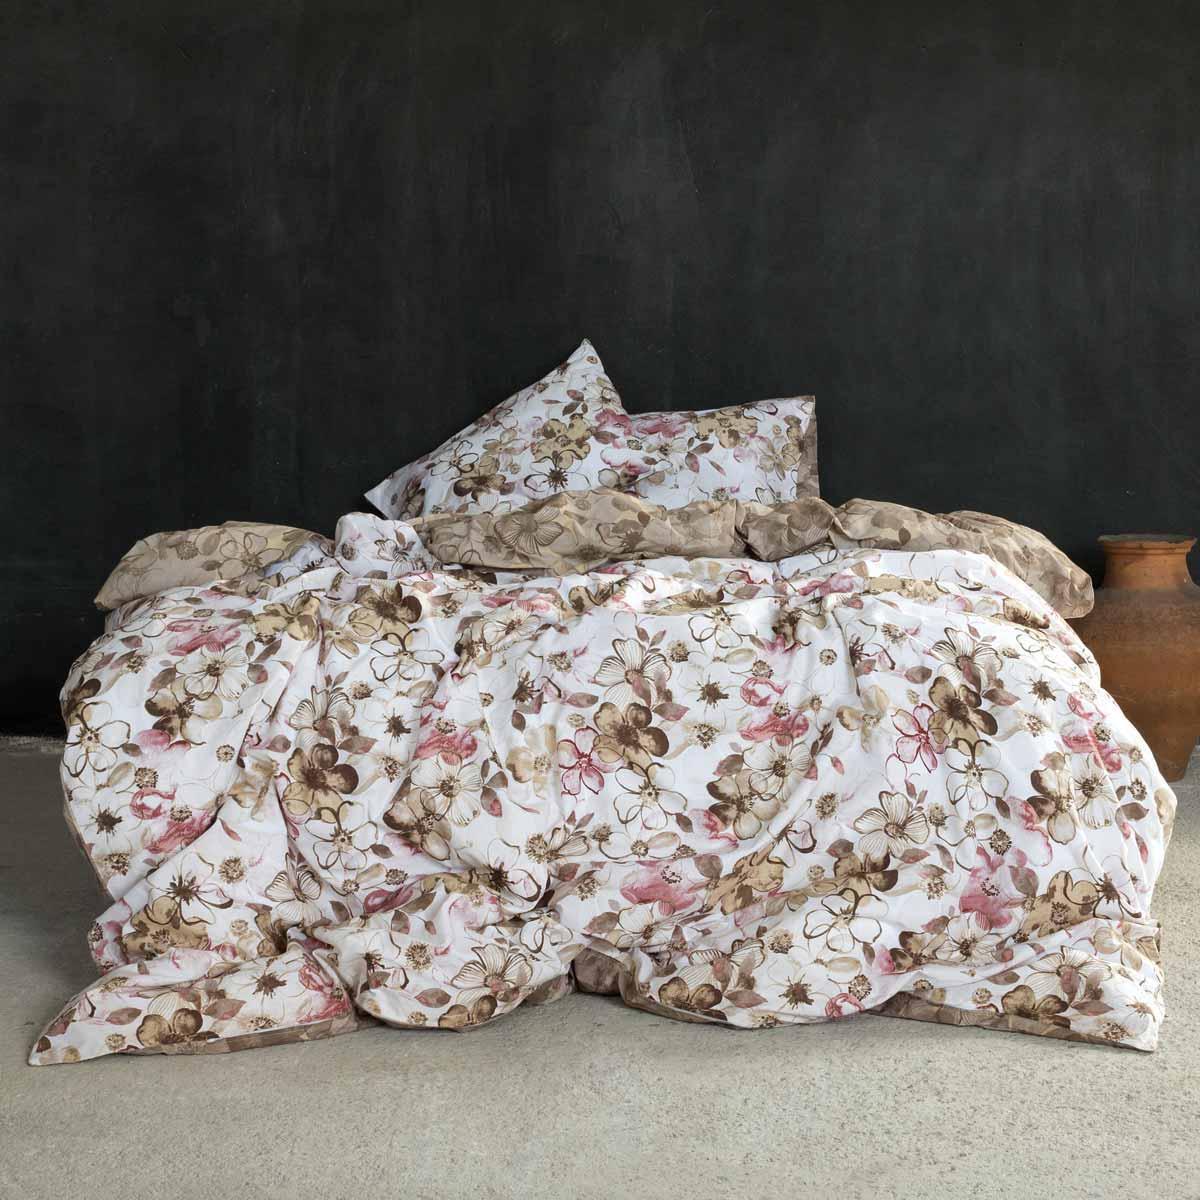 Σεντόνια Υπέρδιπλα (Σετ 240×260) Nima Bed Linen Brindille Terracotta ΧΩΡΙΣ ΛΑΣΤΙΧΟ 240×260 ΧΩΡΙΣ ΛΑΣΤΙΧΟ 240×260